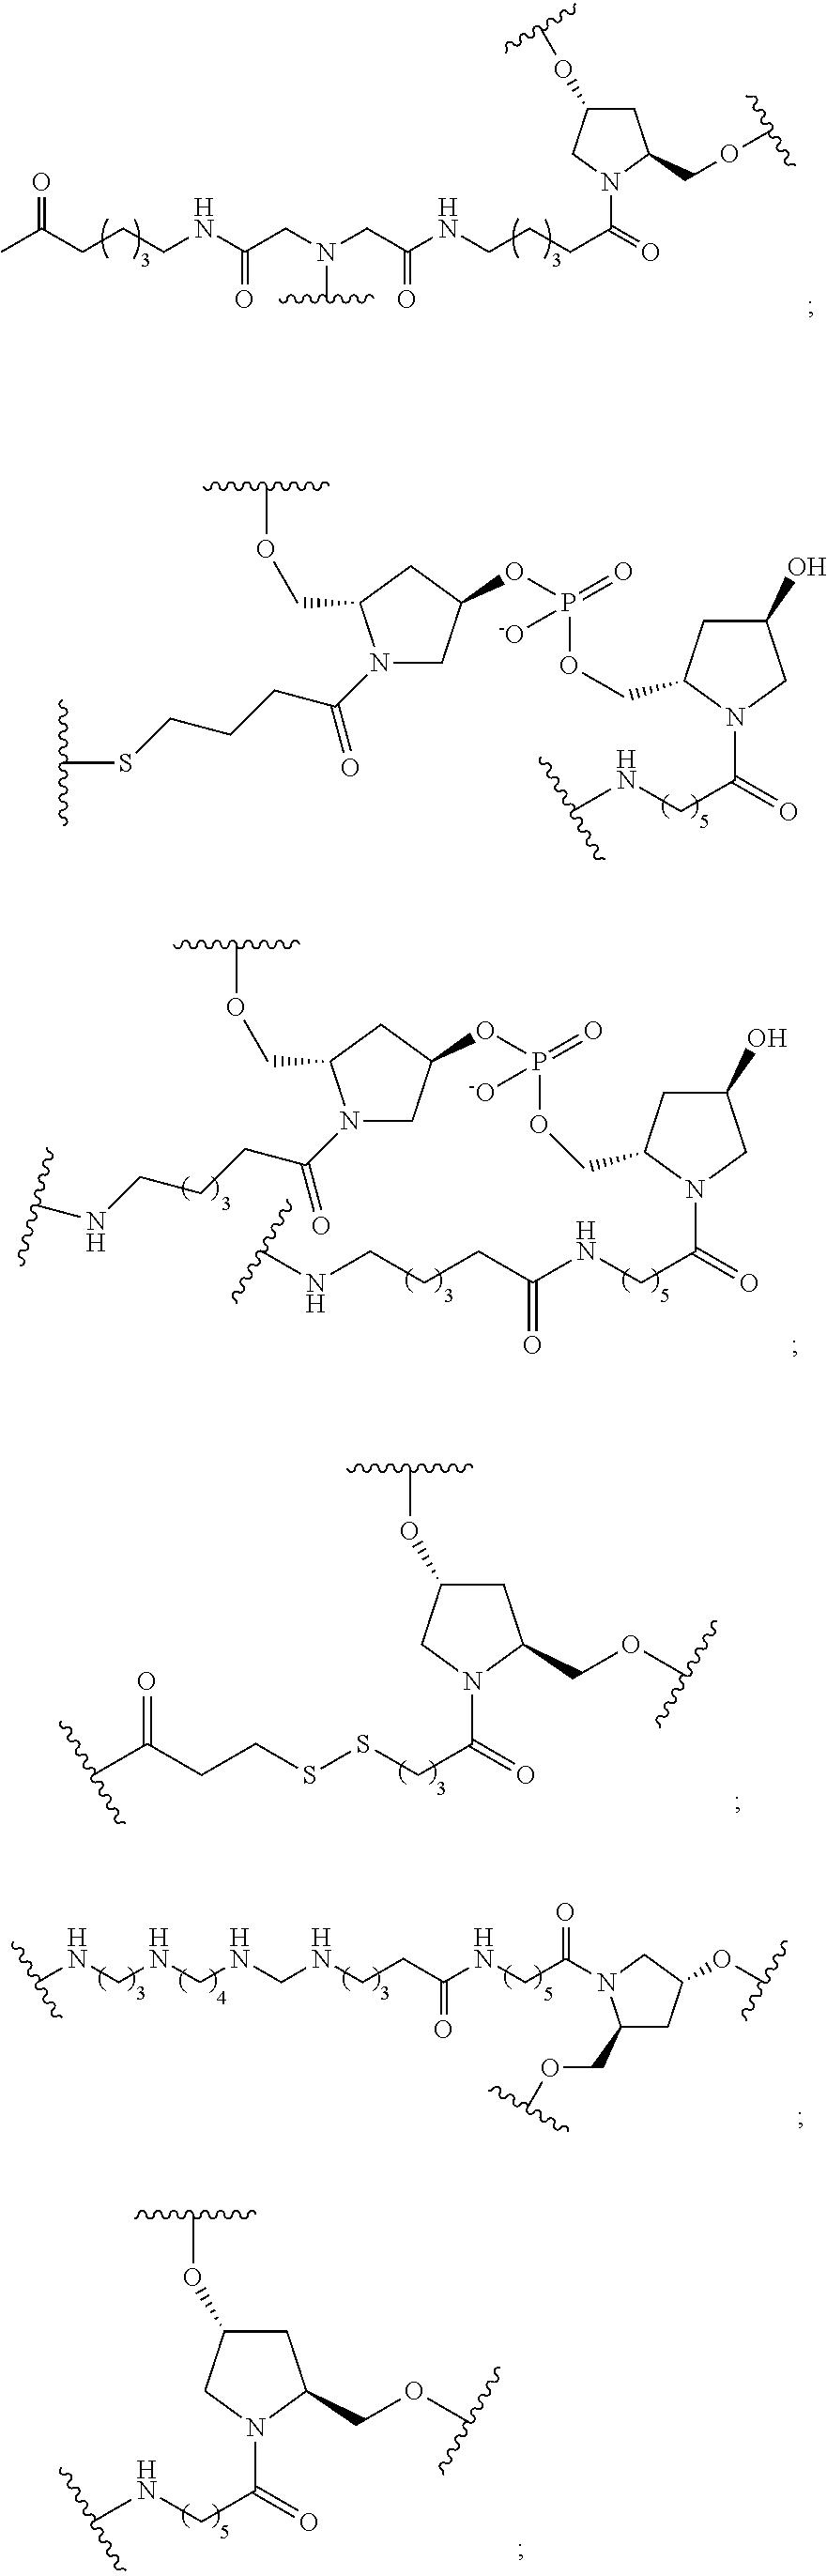 Figure US09932581-20180403-C00148